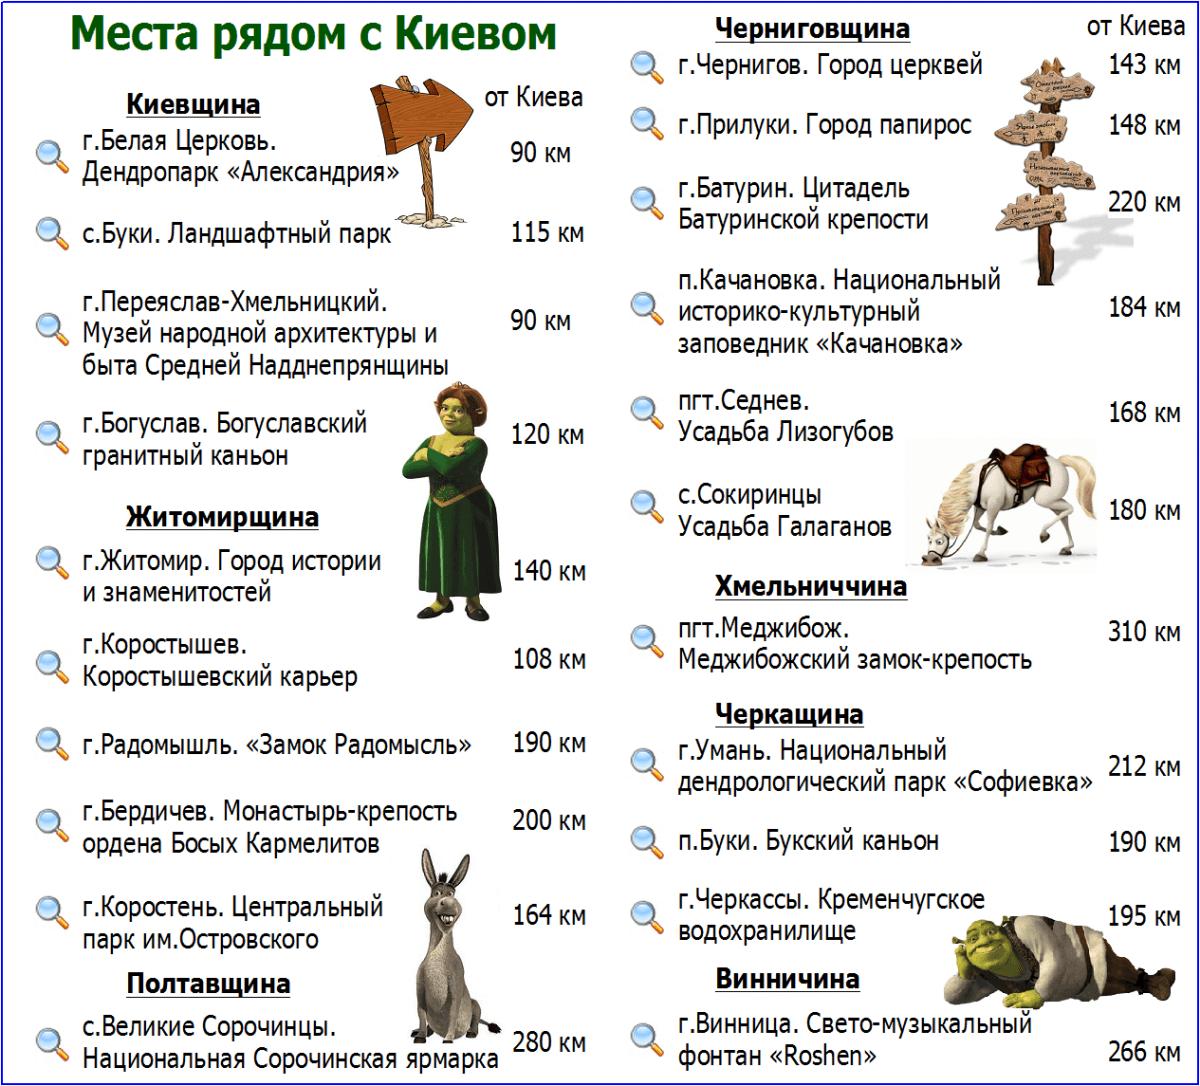 загородные красоты Киева